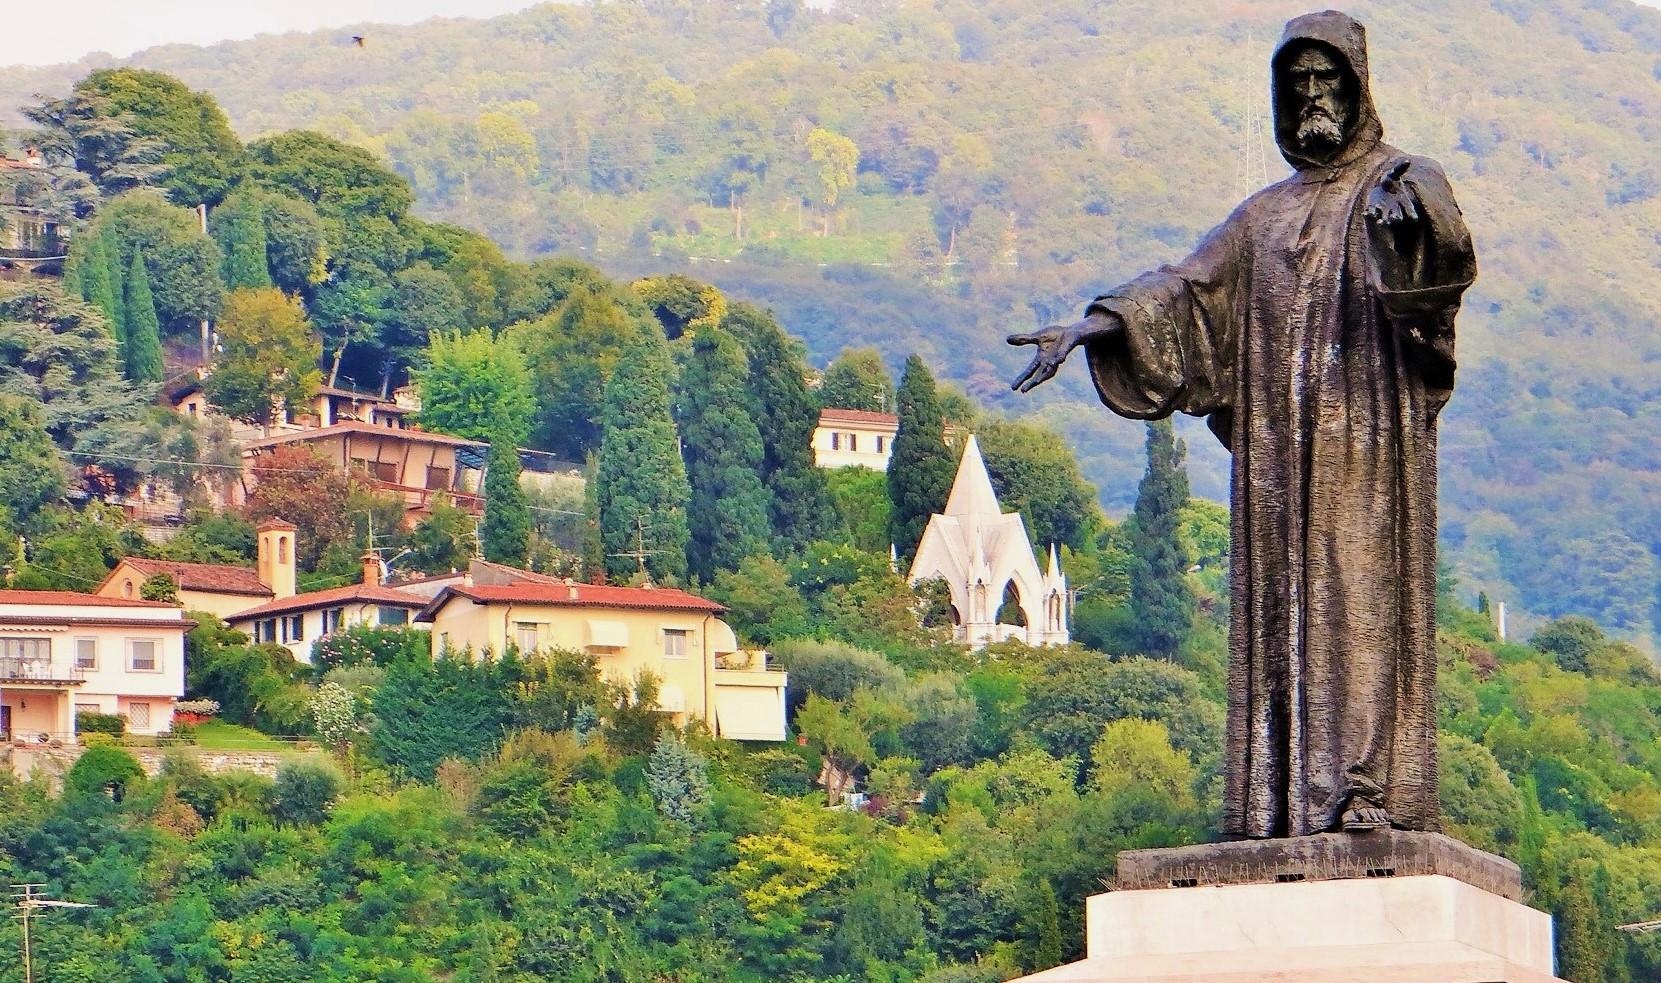 La statua di Arnaldo sembra indicare la Tomba del Cane, edificio neo-gotico progettato da Vantini e costruito sulla collina dei Ronchi